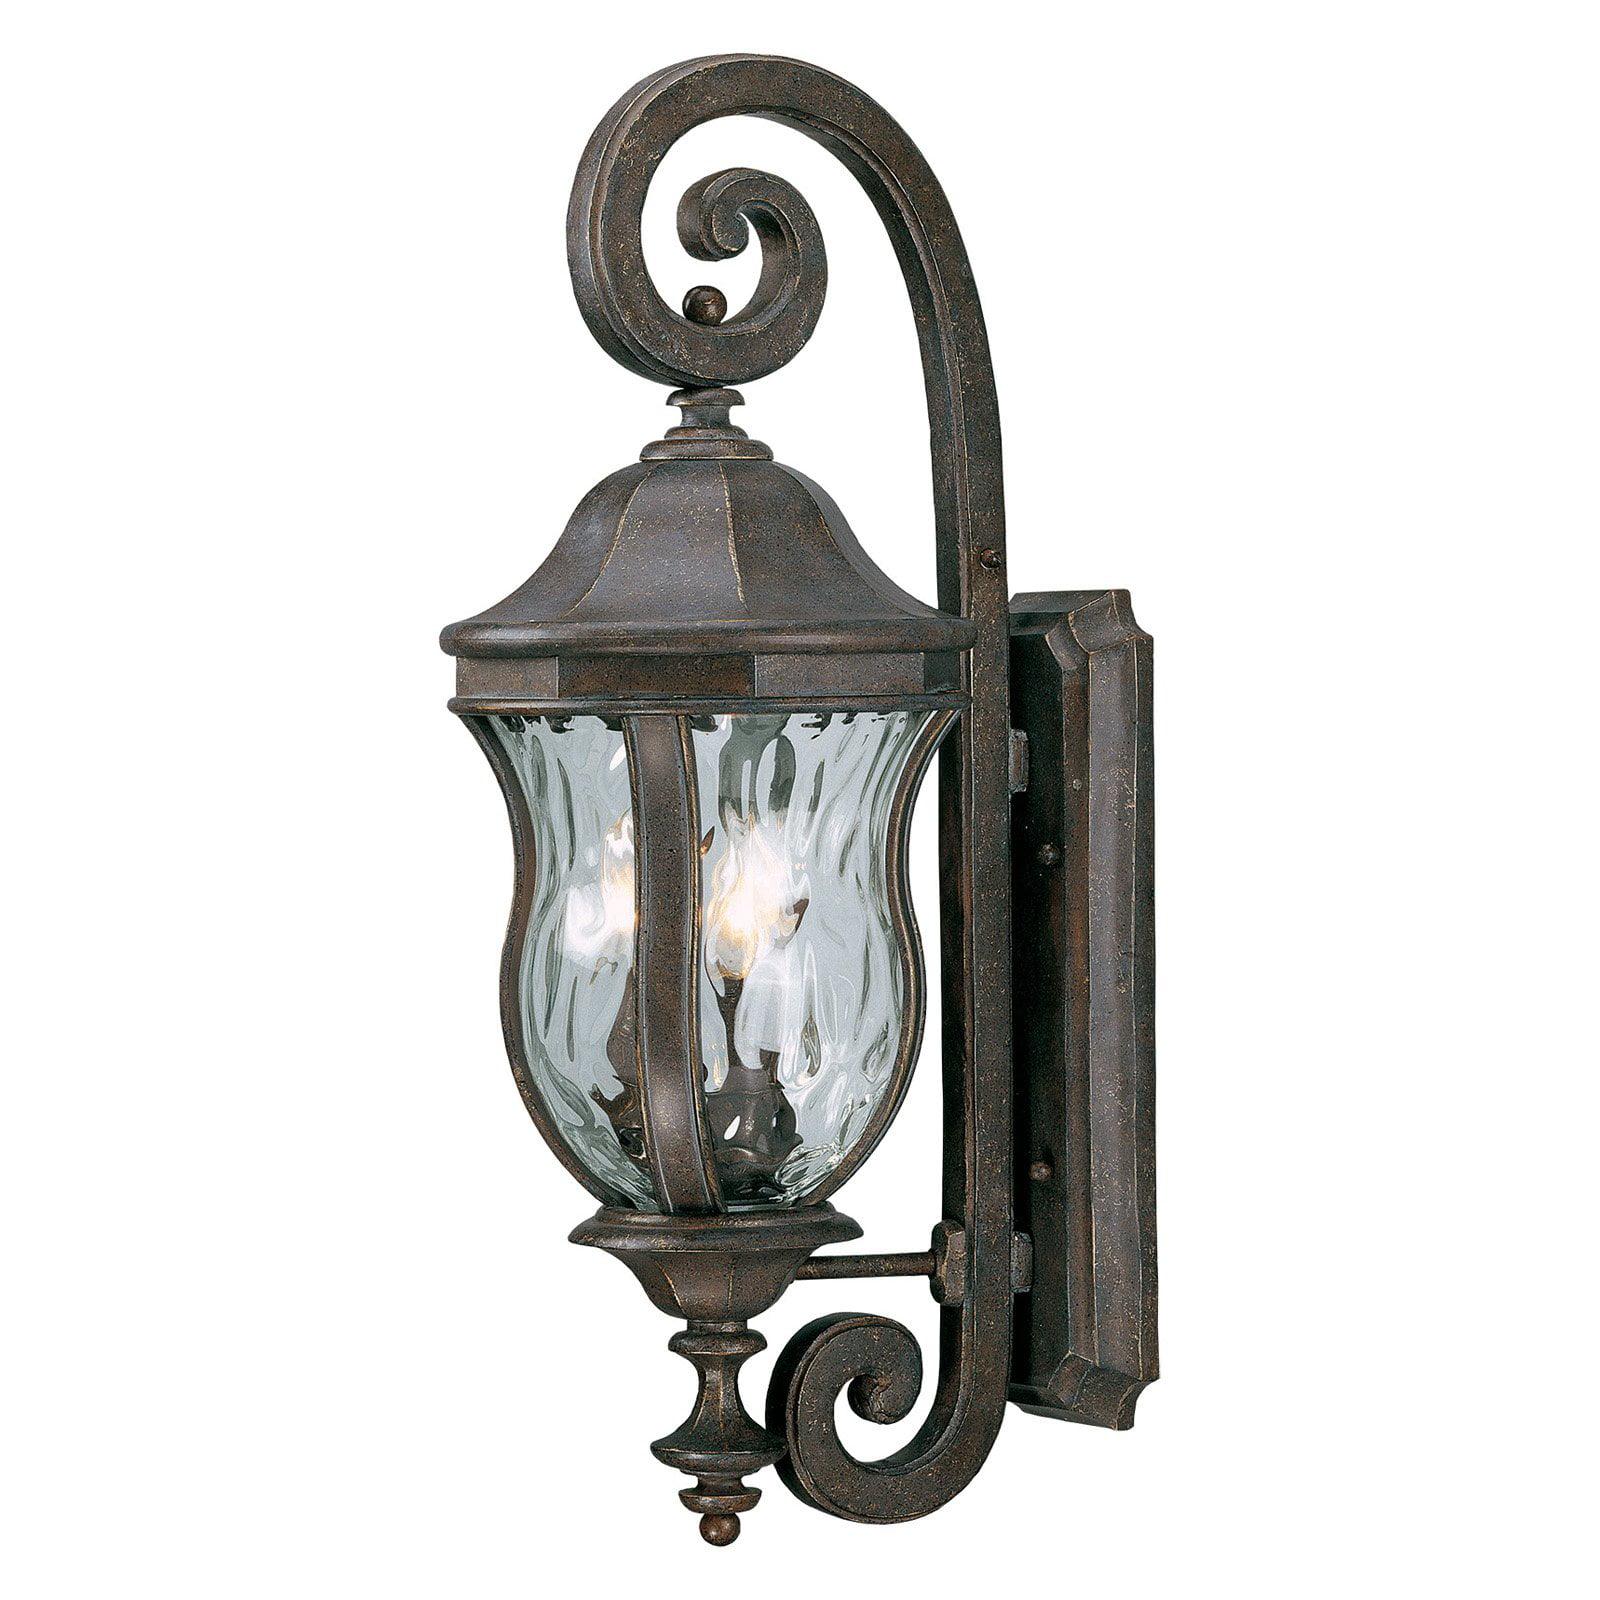 Savoy House Monticello KP-5-300 Outdoor Wall Lantern